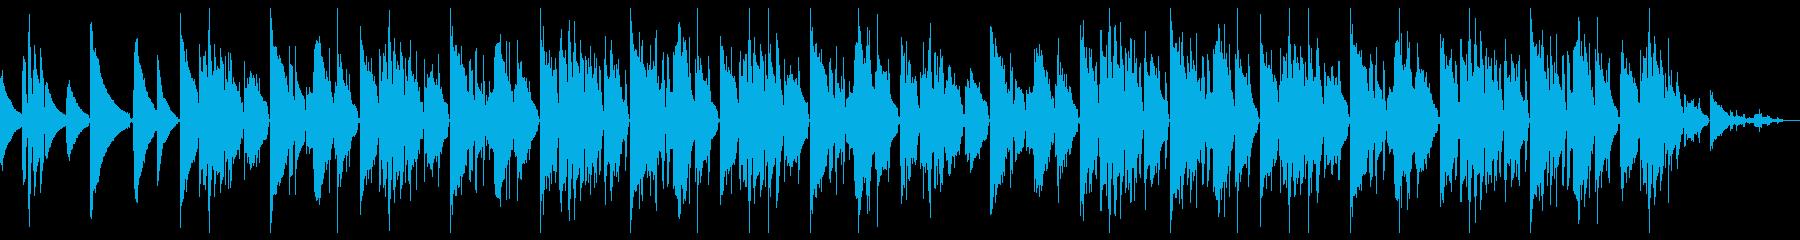 ネオソウルギターとサックスのチルホップの再生済みの波形